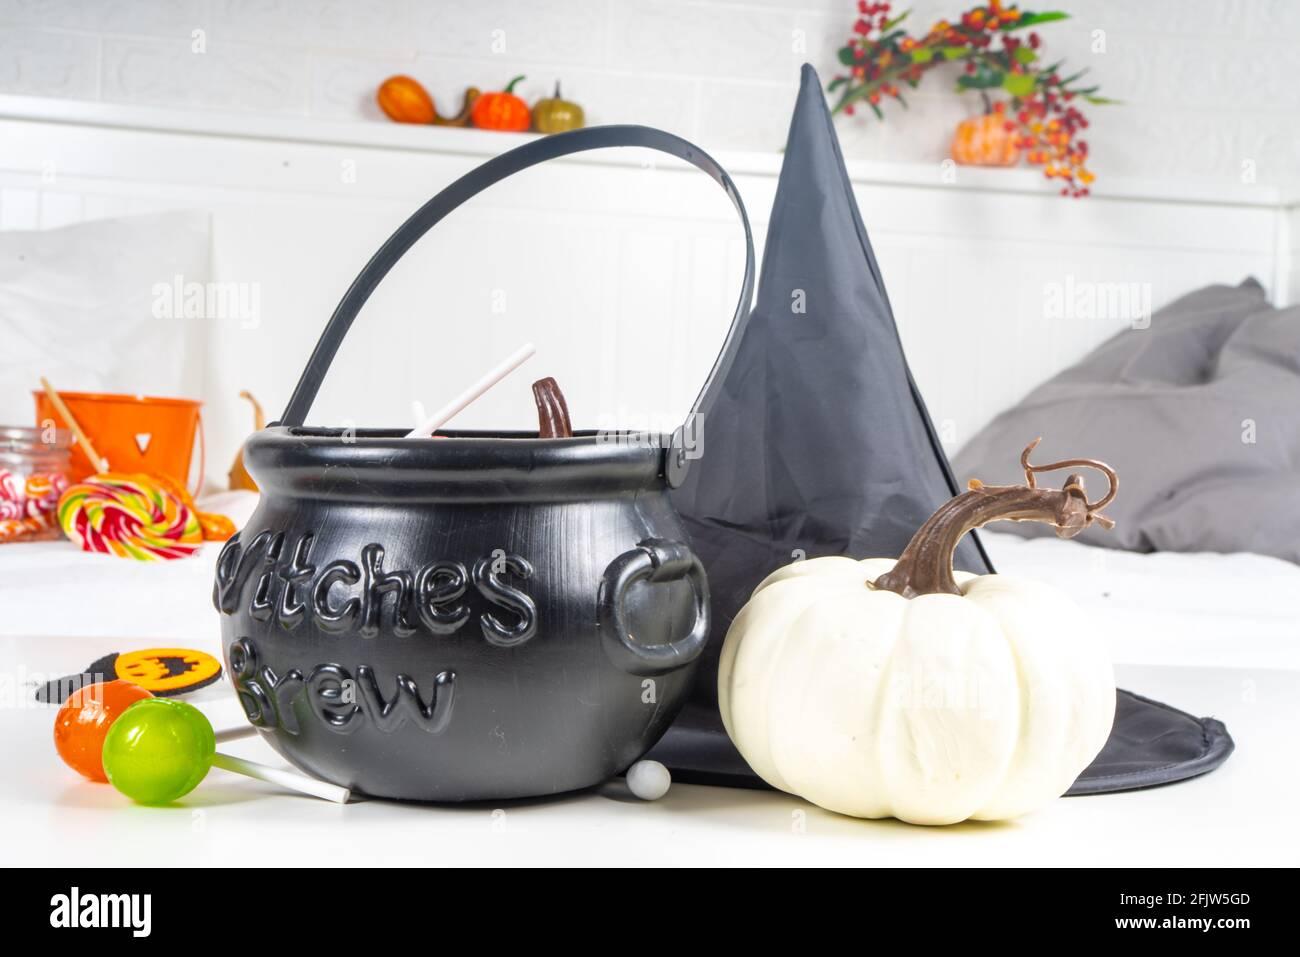 Arrière-plan de Halloween. Seau avec bonbons le chou-fleur de Witch, avec citrouilles et décoration d'automne, concept de décoration de maison de vacances Banque D'Images